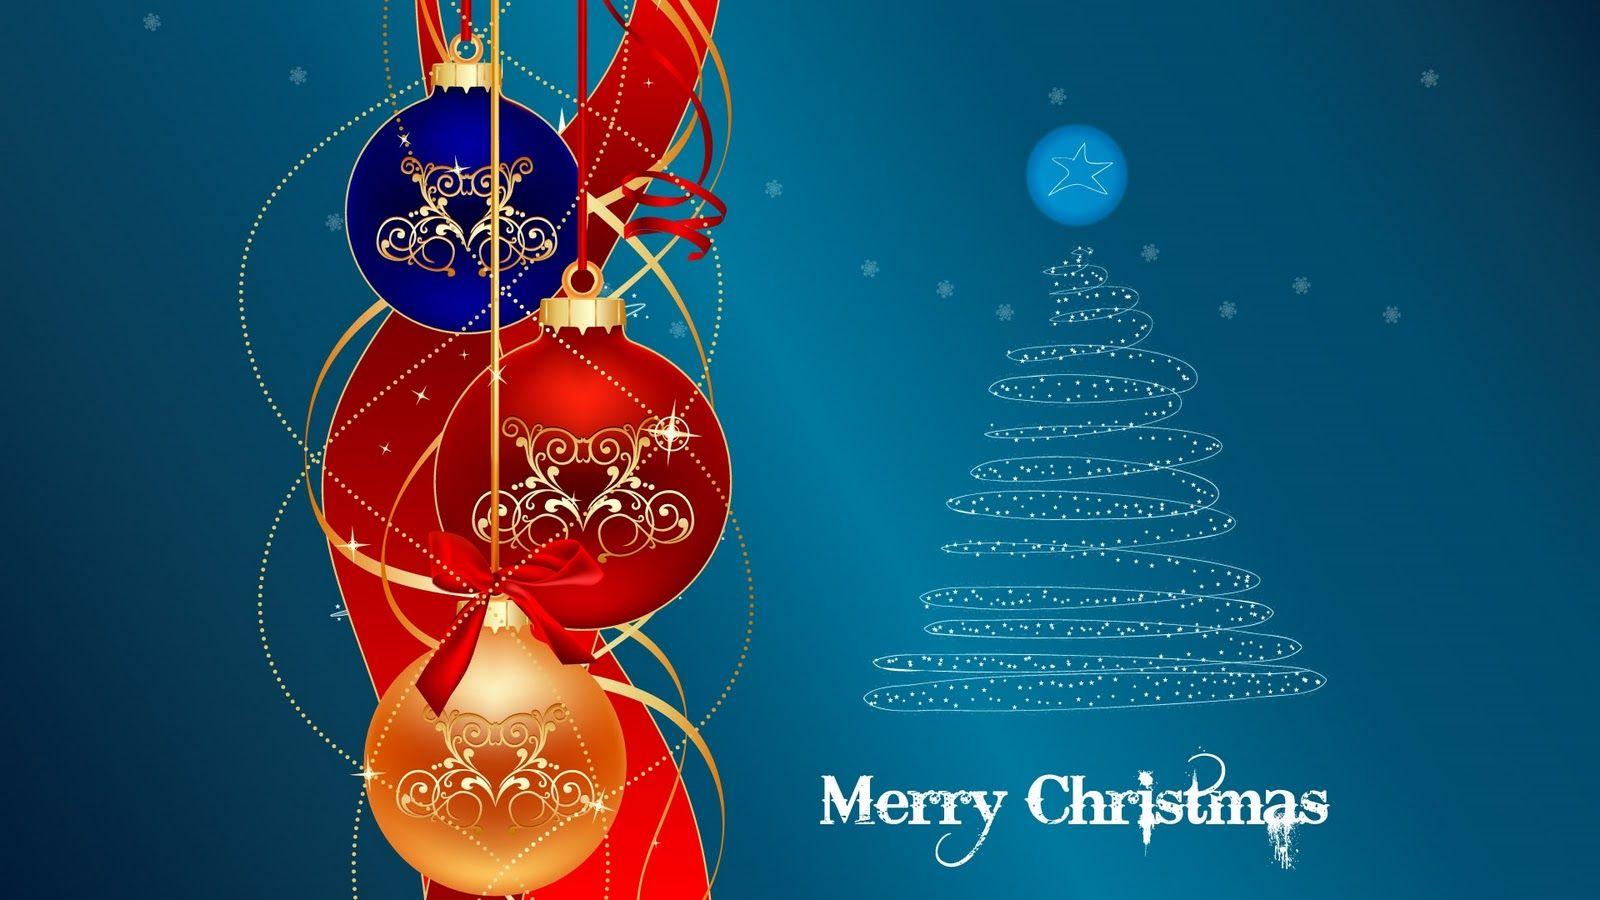 Fondos De Navidad Hd En Hd Gratis 10 HD Wallpapers | Menu Navidad ...